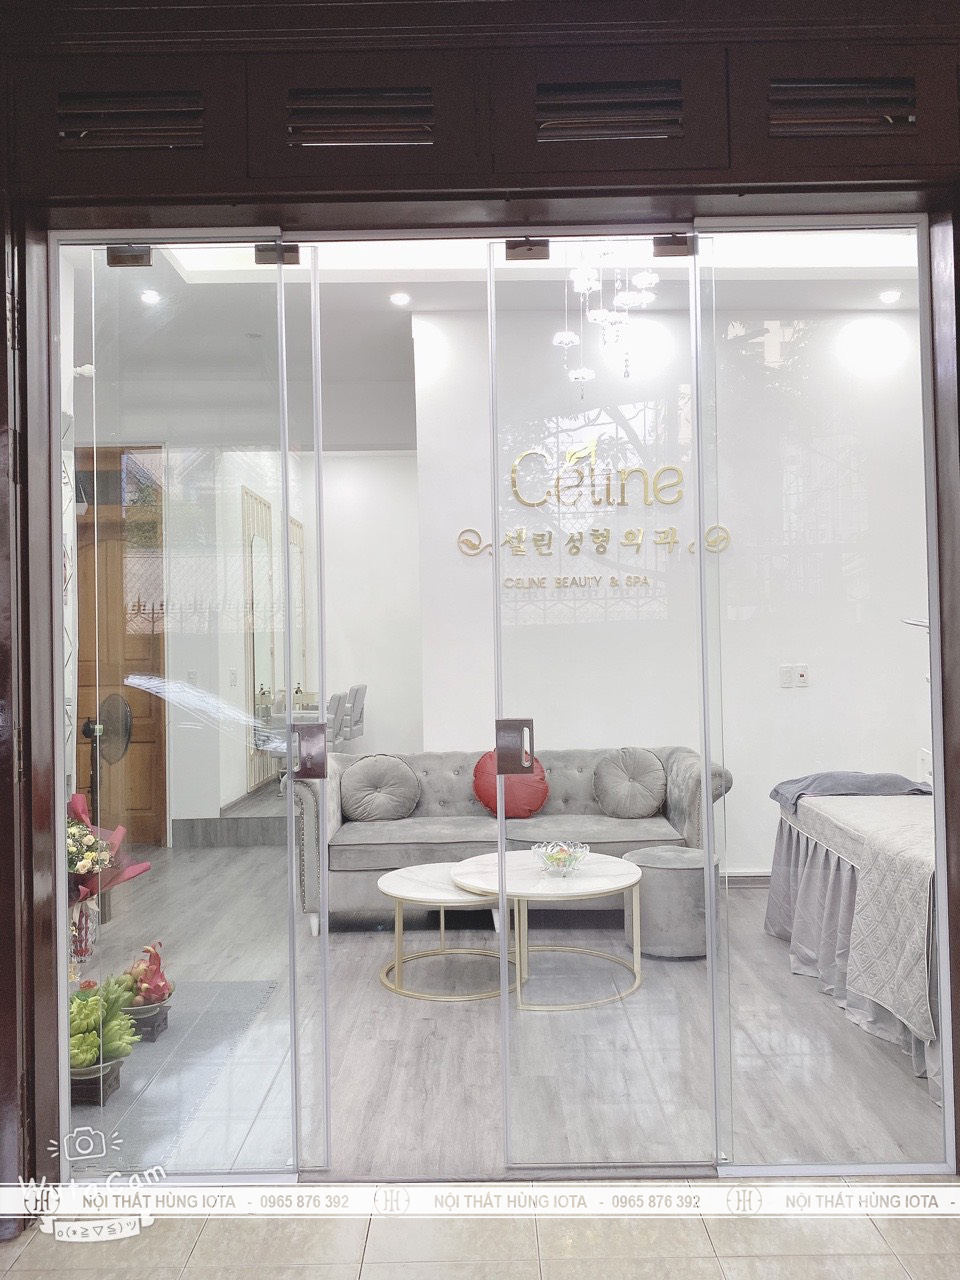 Lắp đặt nội thất cho Celing Beauty & Spa tại Cầu Giấy